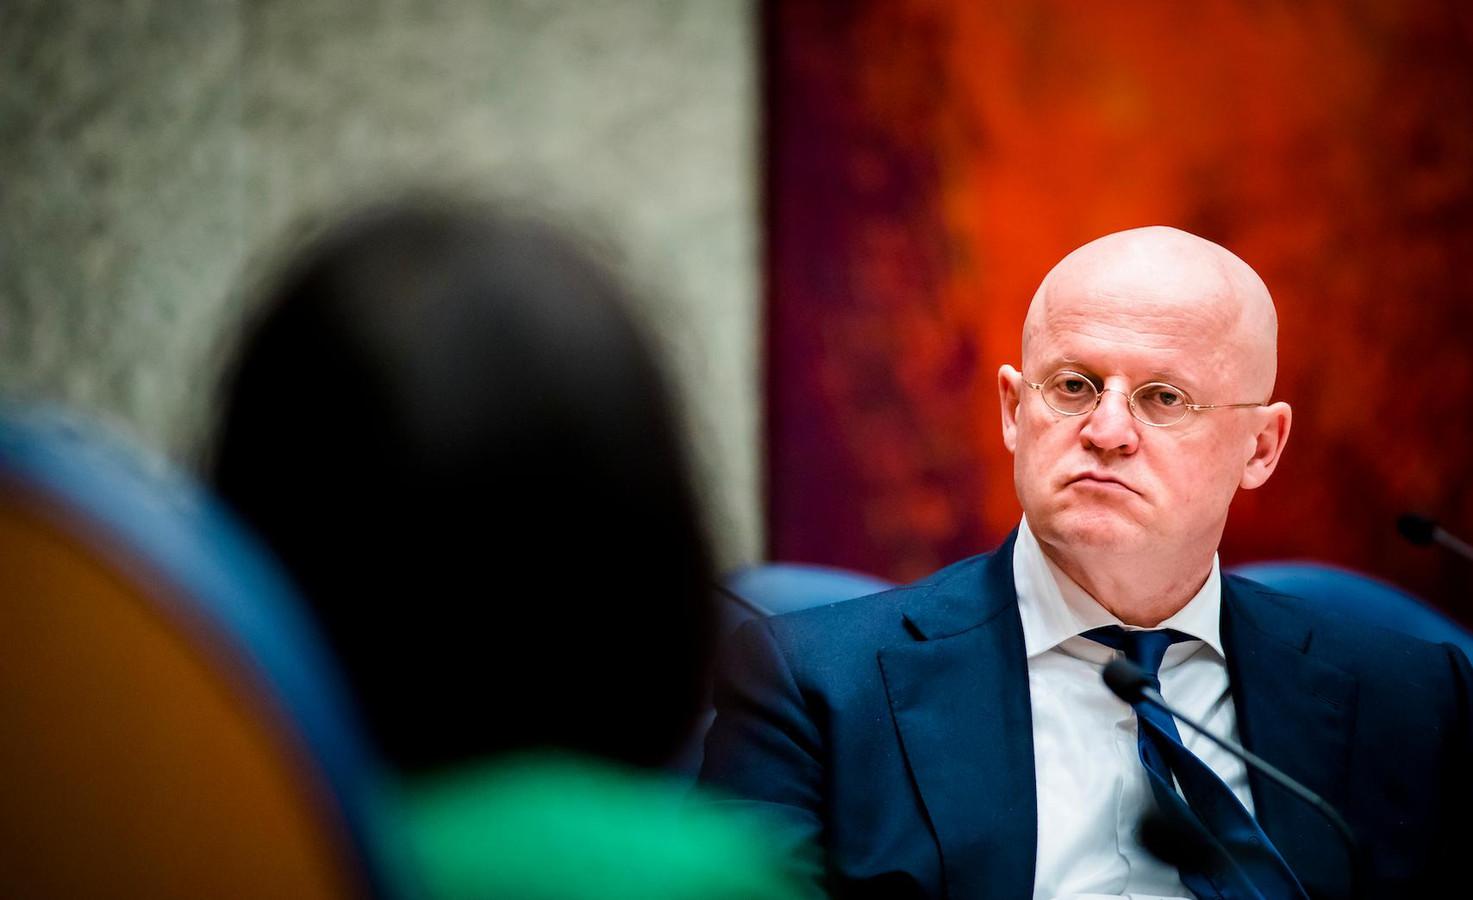 Minister Ferdinand Grapperhaus van Justitie en Veiligheid (CDA) was eerder advocaat in Amsterdam